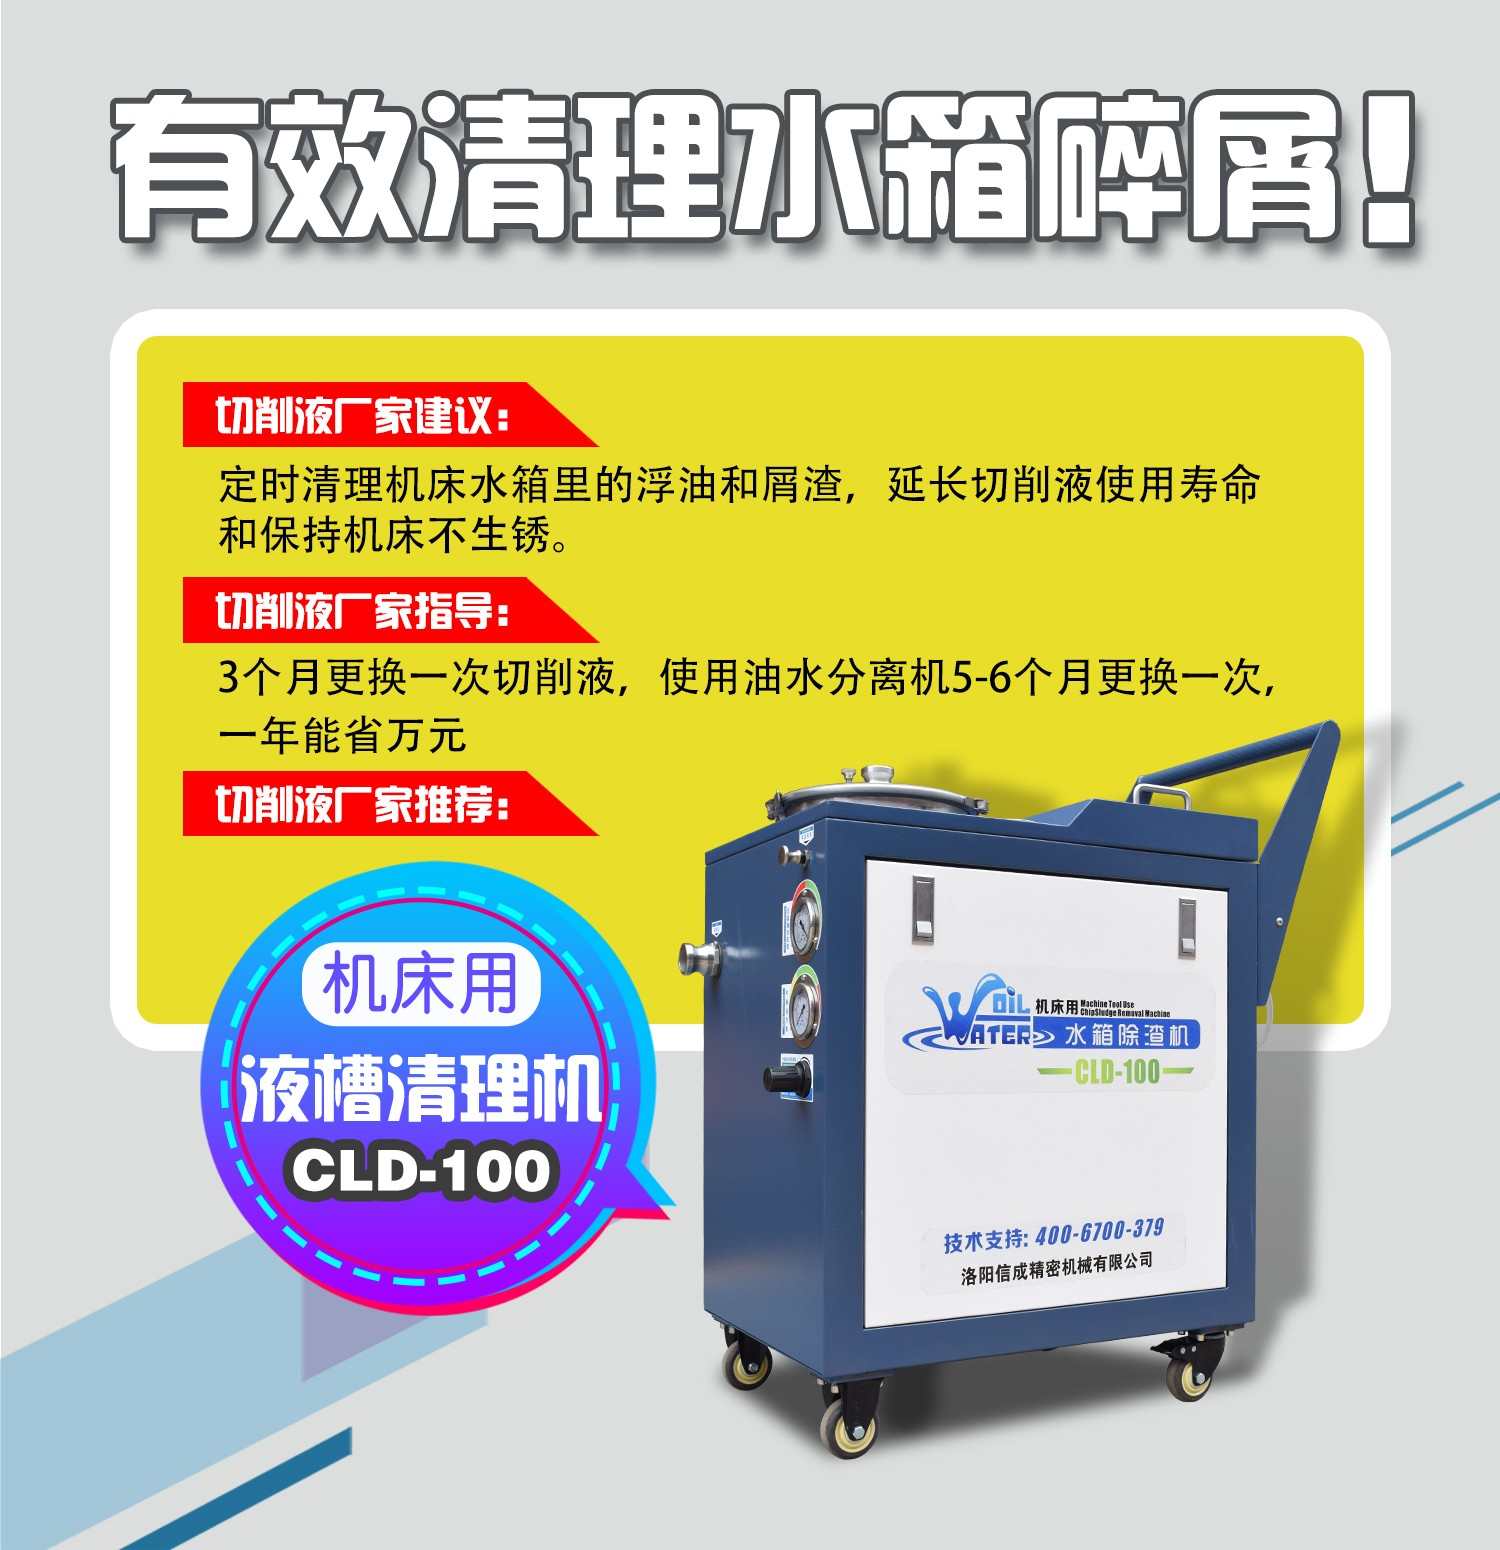 【整理】液槽清理机宣传图J0724褚少青.jpg